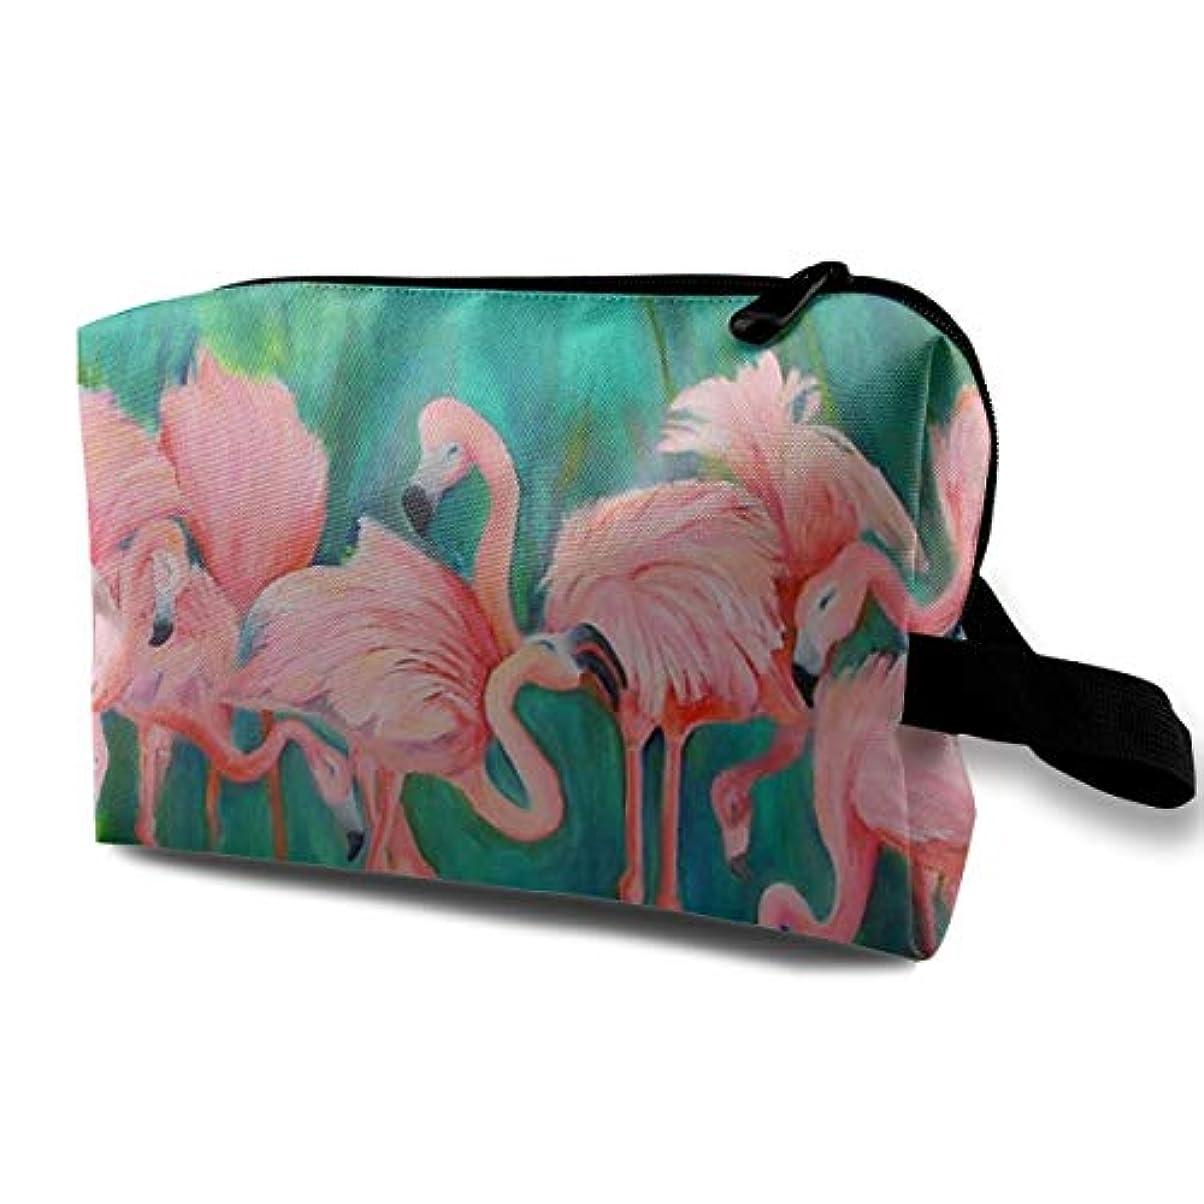 売上高お茶ナインへLove Heart Flamingos 収納ポーチ 化粧ポーチ 大容量 軽量 耐久性 ハンドル付持ち運び便利。入れ 自宅?出張?旅行?アウトドア撮影などに対応。メンズ レディース トラベルグッズ